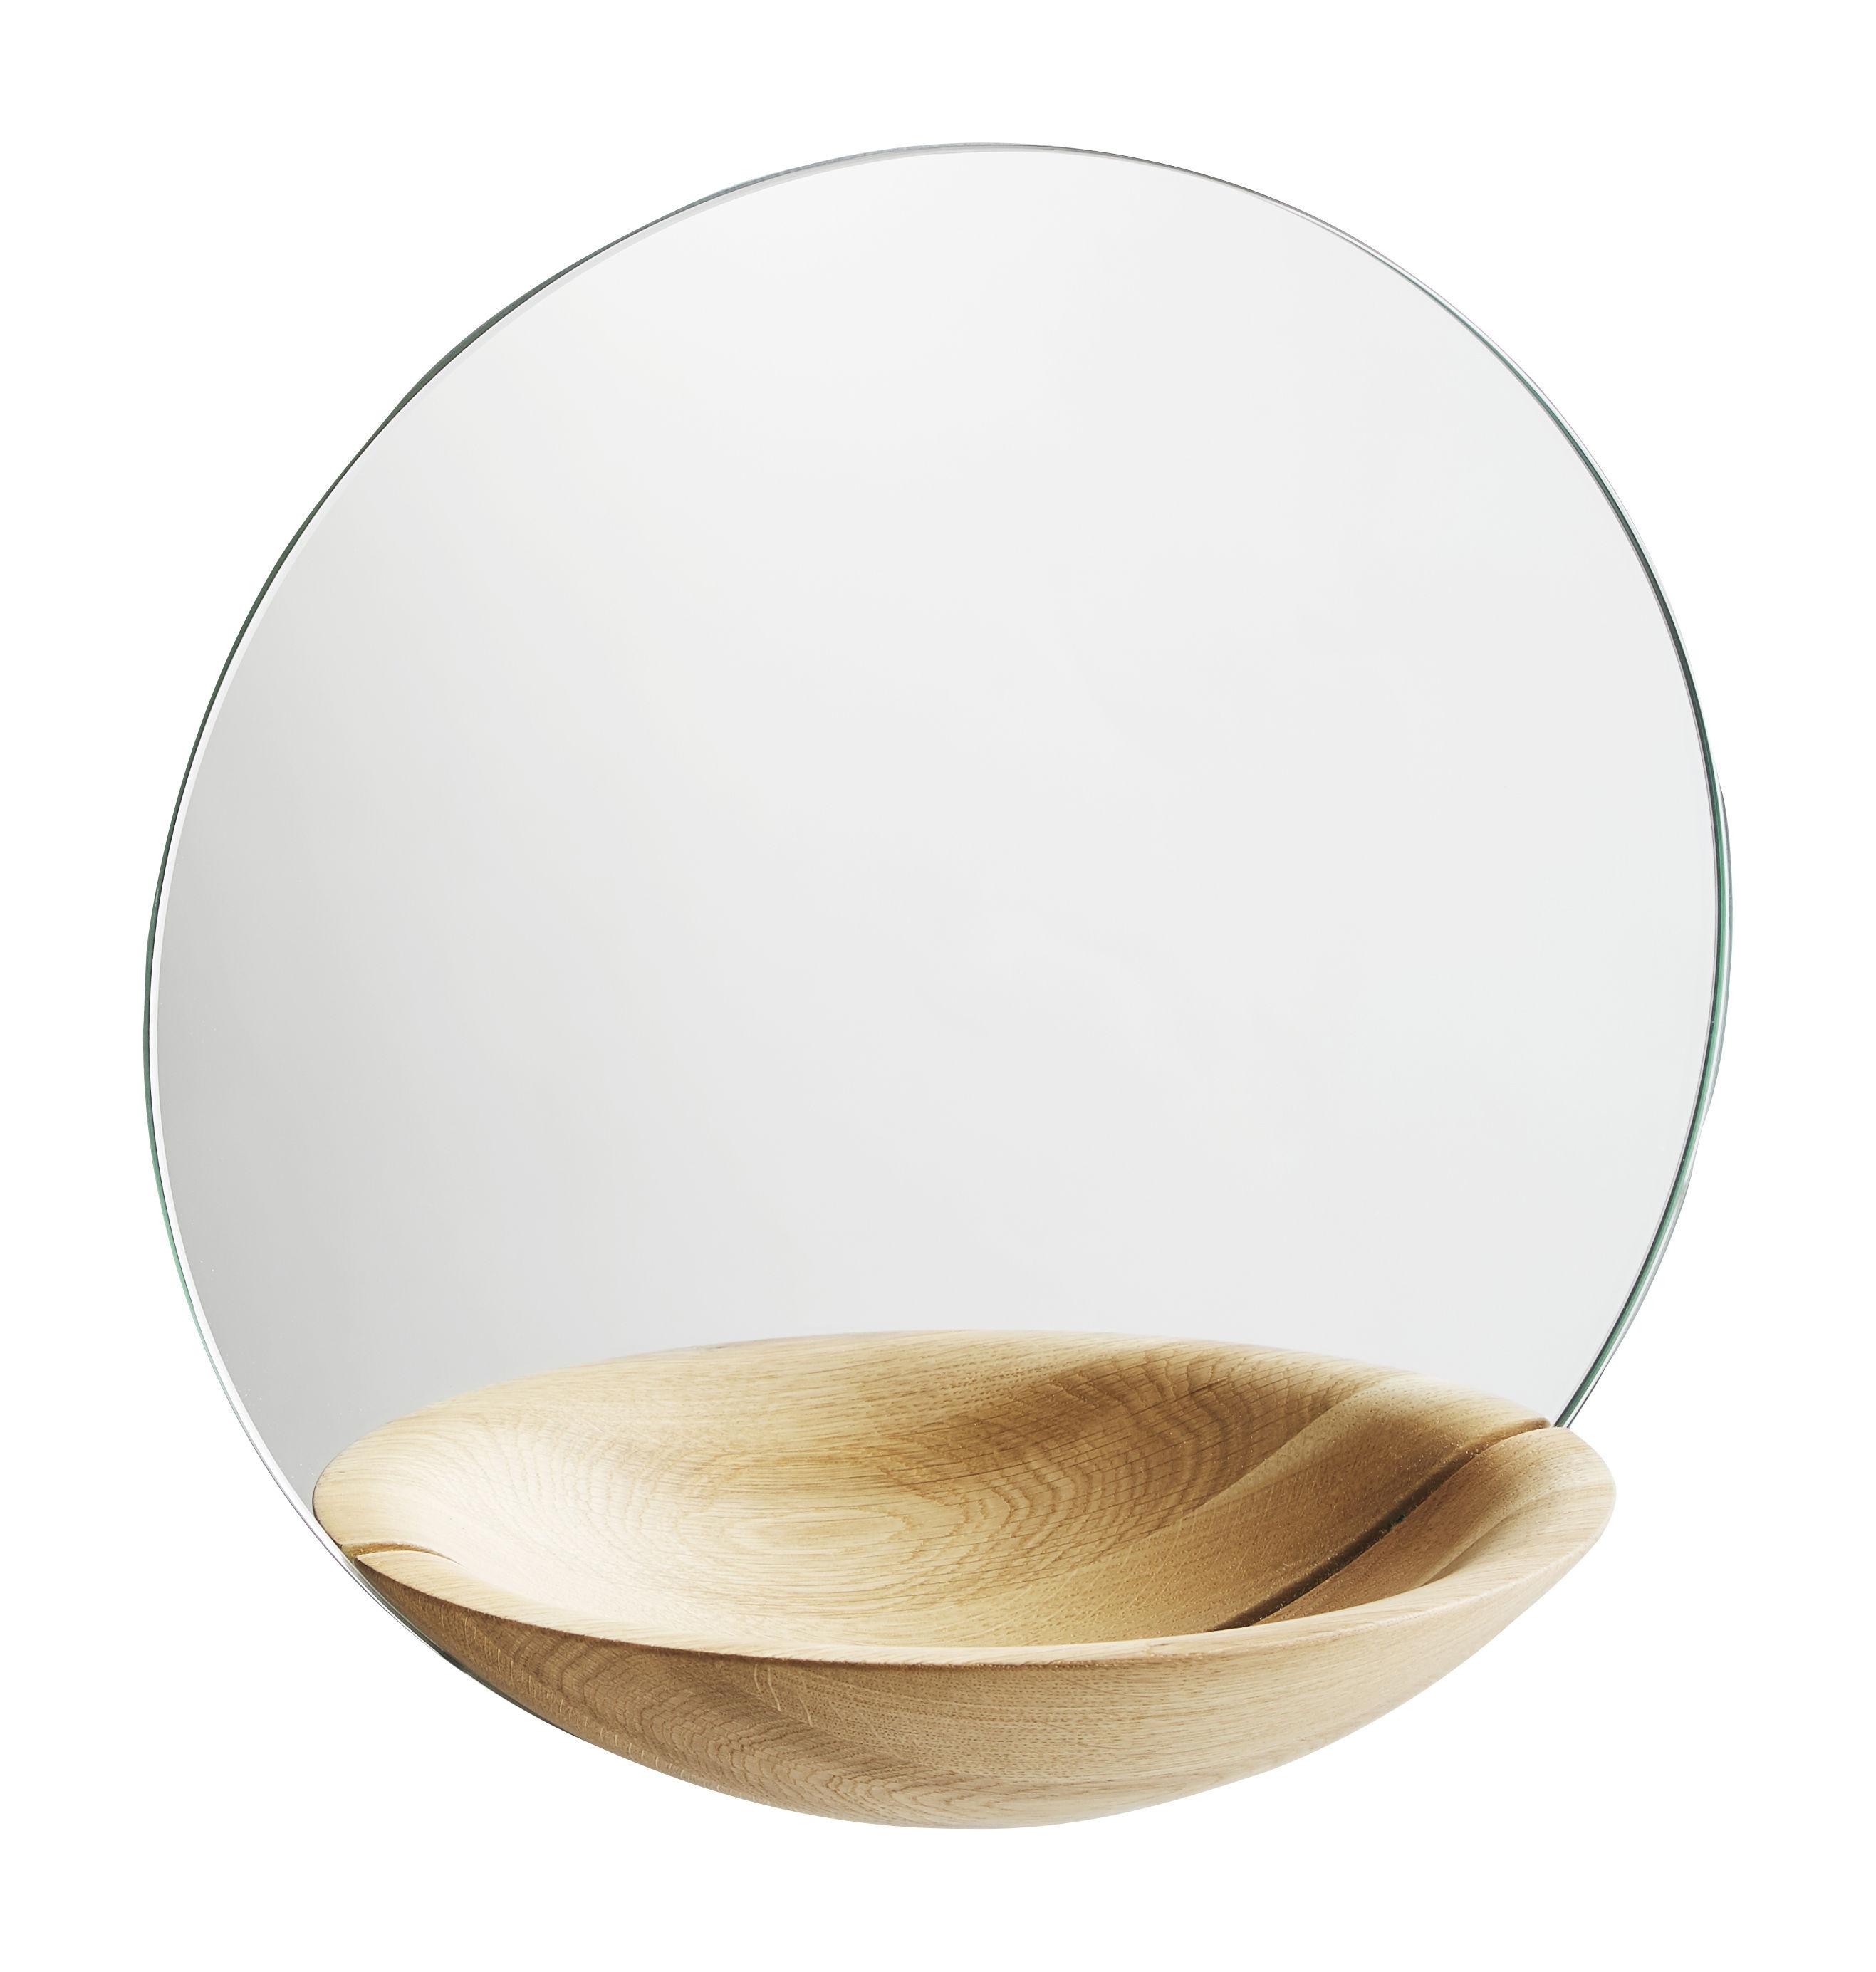 Dekoration - Spiegel - Pocket Large Wandspiegel / mit integrierter Ablage - Ø 32 cm - Woud - Eiche, hell - Glas, massive Eiche